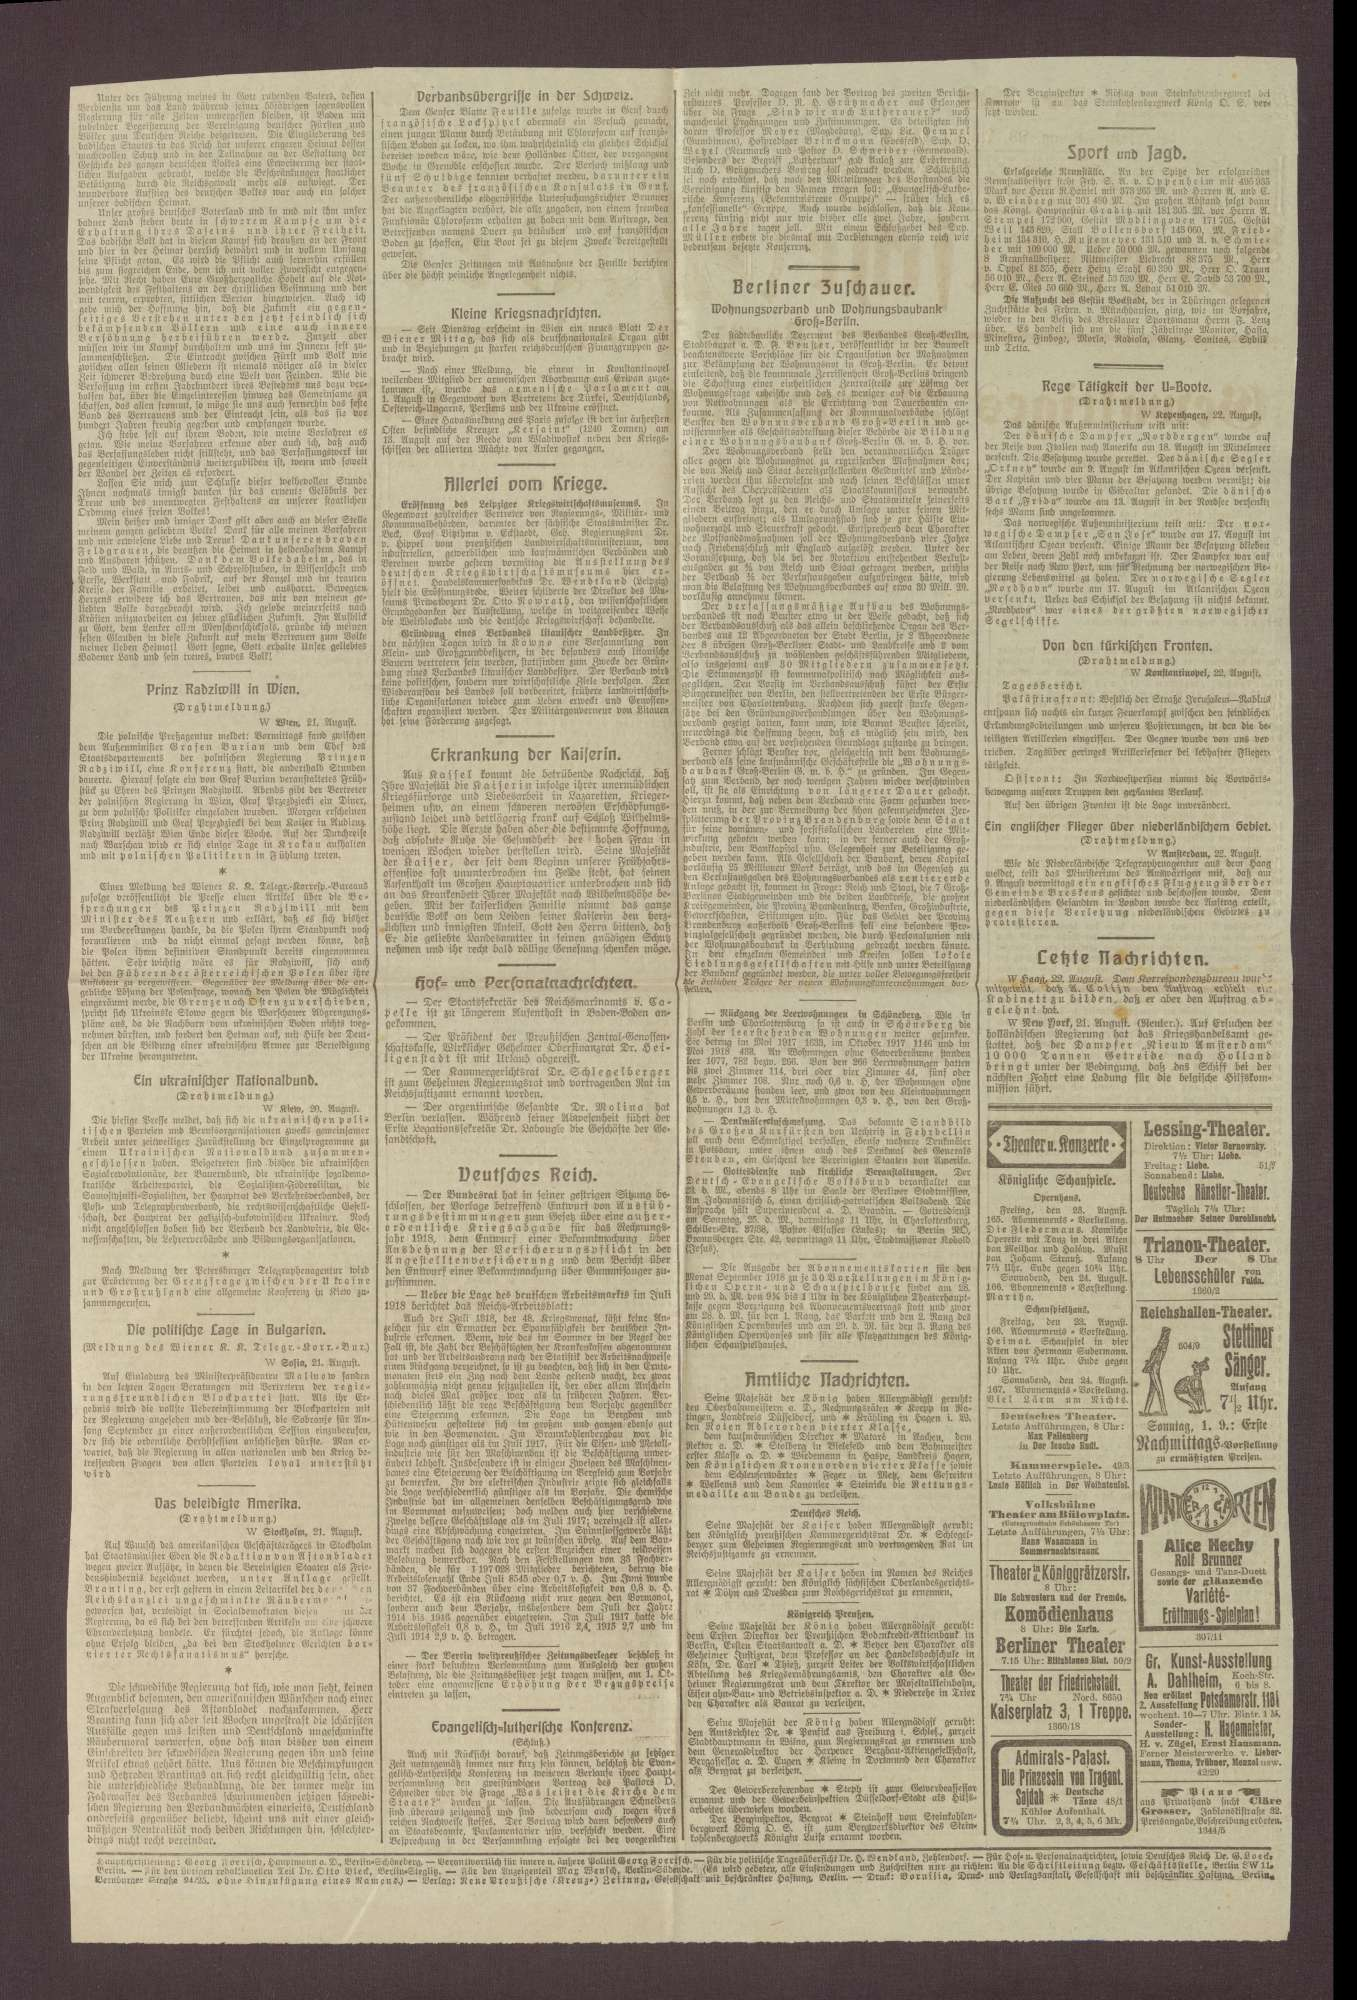 """Artikel in den Neuen Preußischen Zeitung: """"Prinz Max von Baden über den Völkerbund"""", Bild 2"""